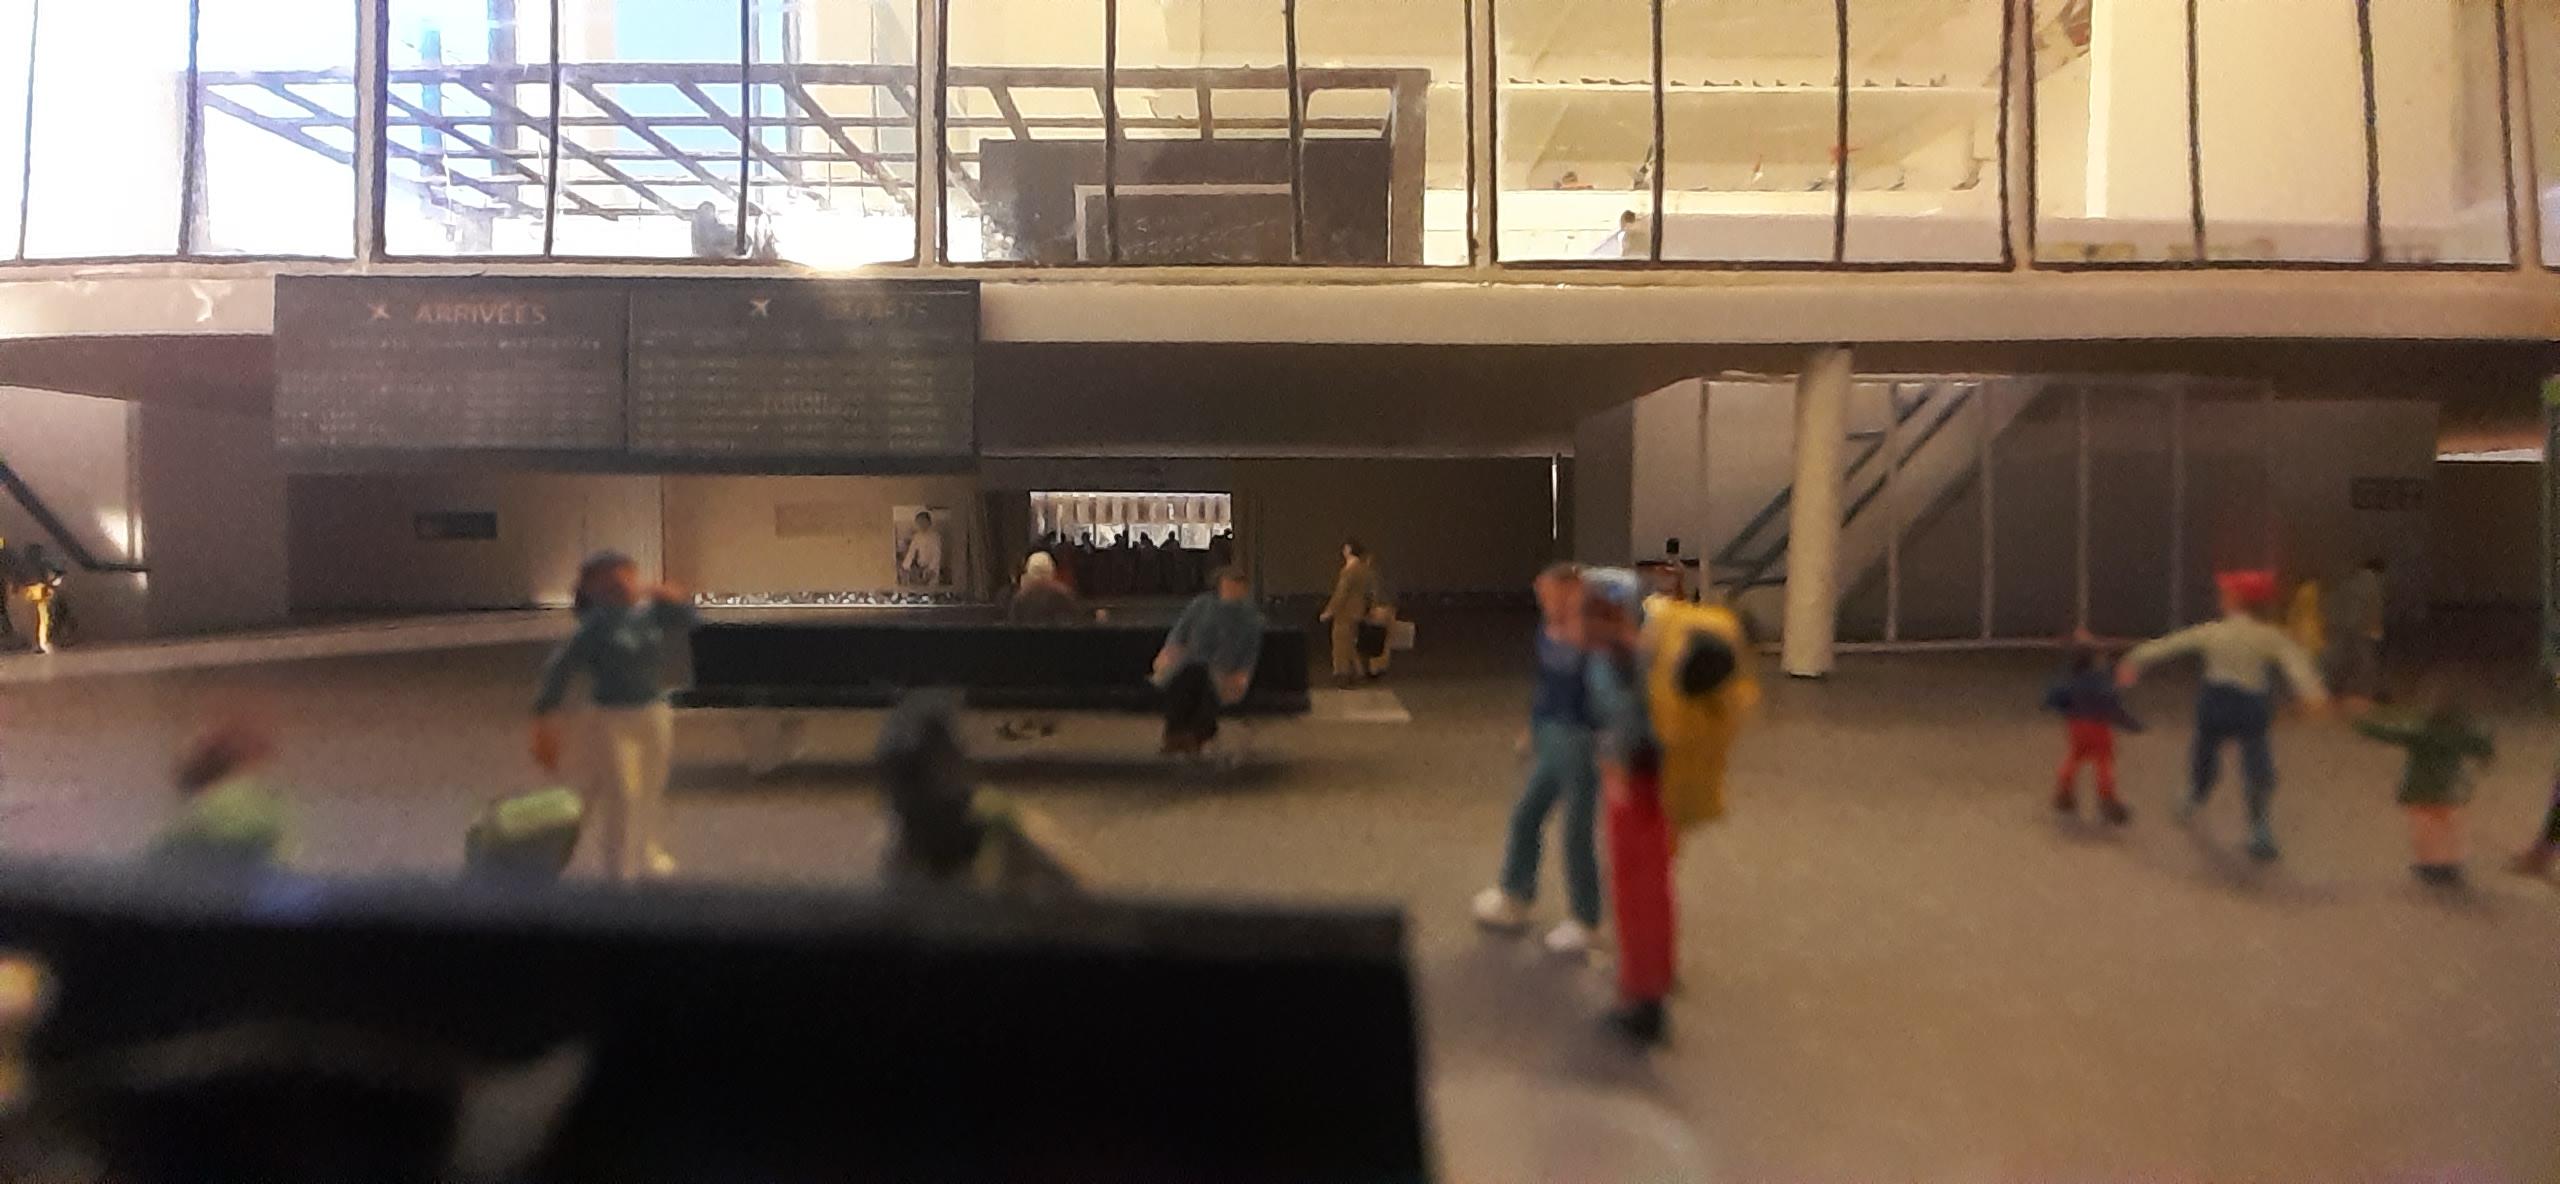 Réalisation de la maquette 1/144 d' un aéroport international (scratch) - Page 17 20200580